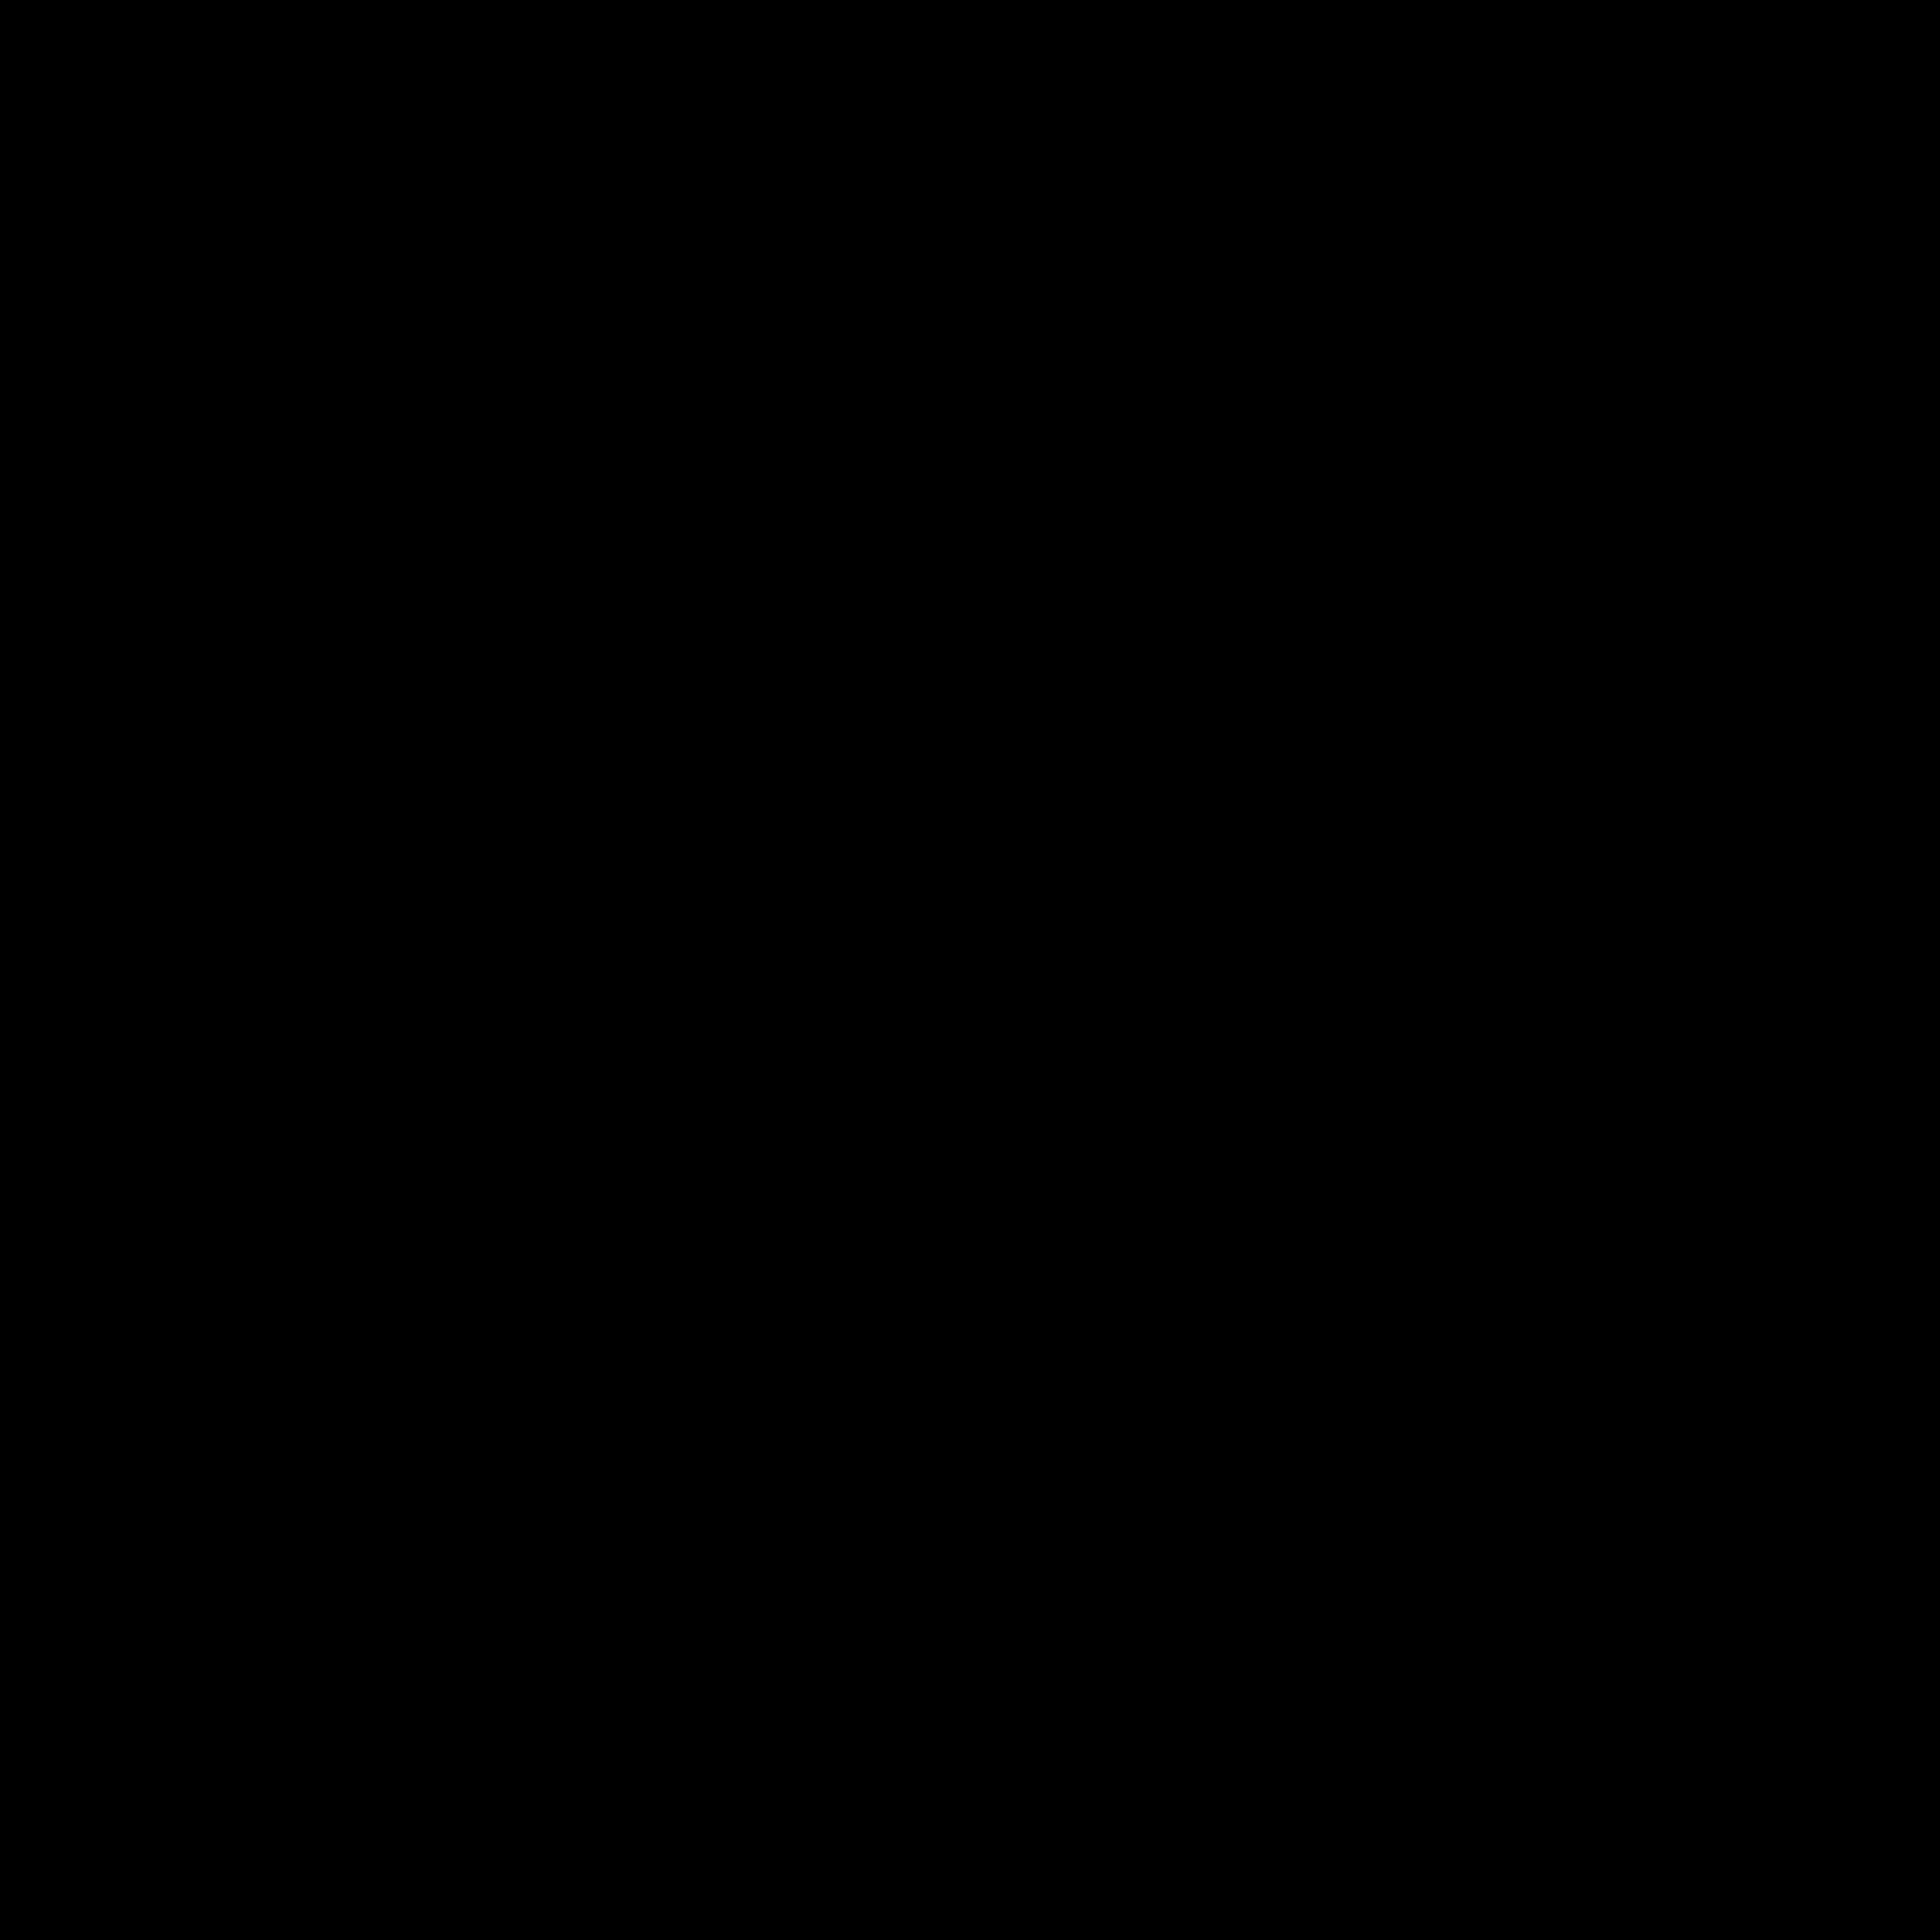 Sarah Naakt 4 meter (Leeftijdbanners 25, 40, 50 en 65 jaar)